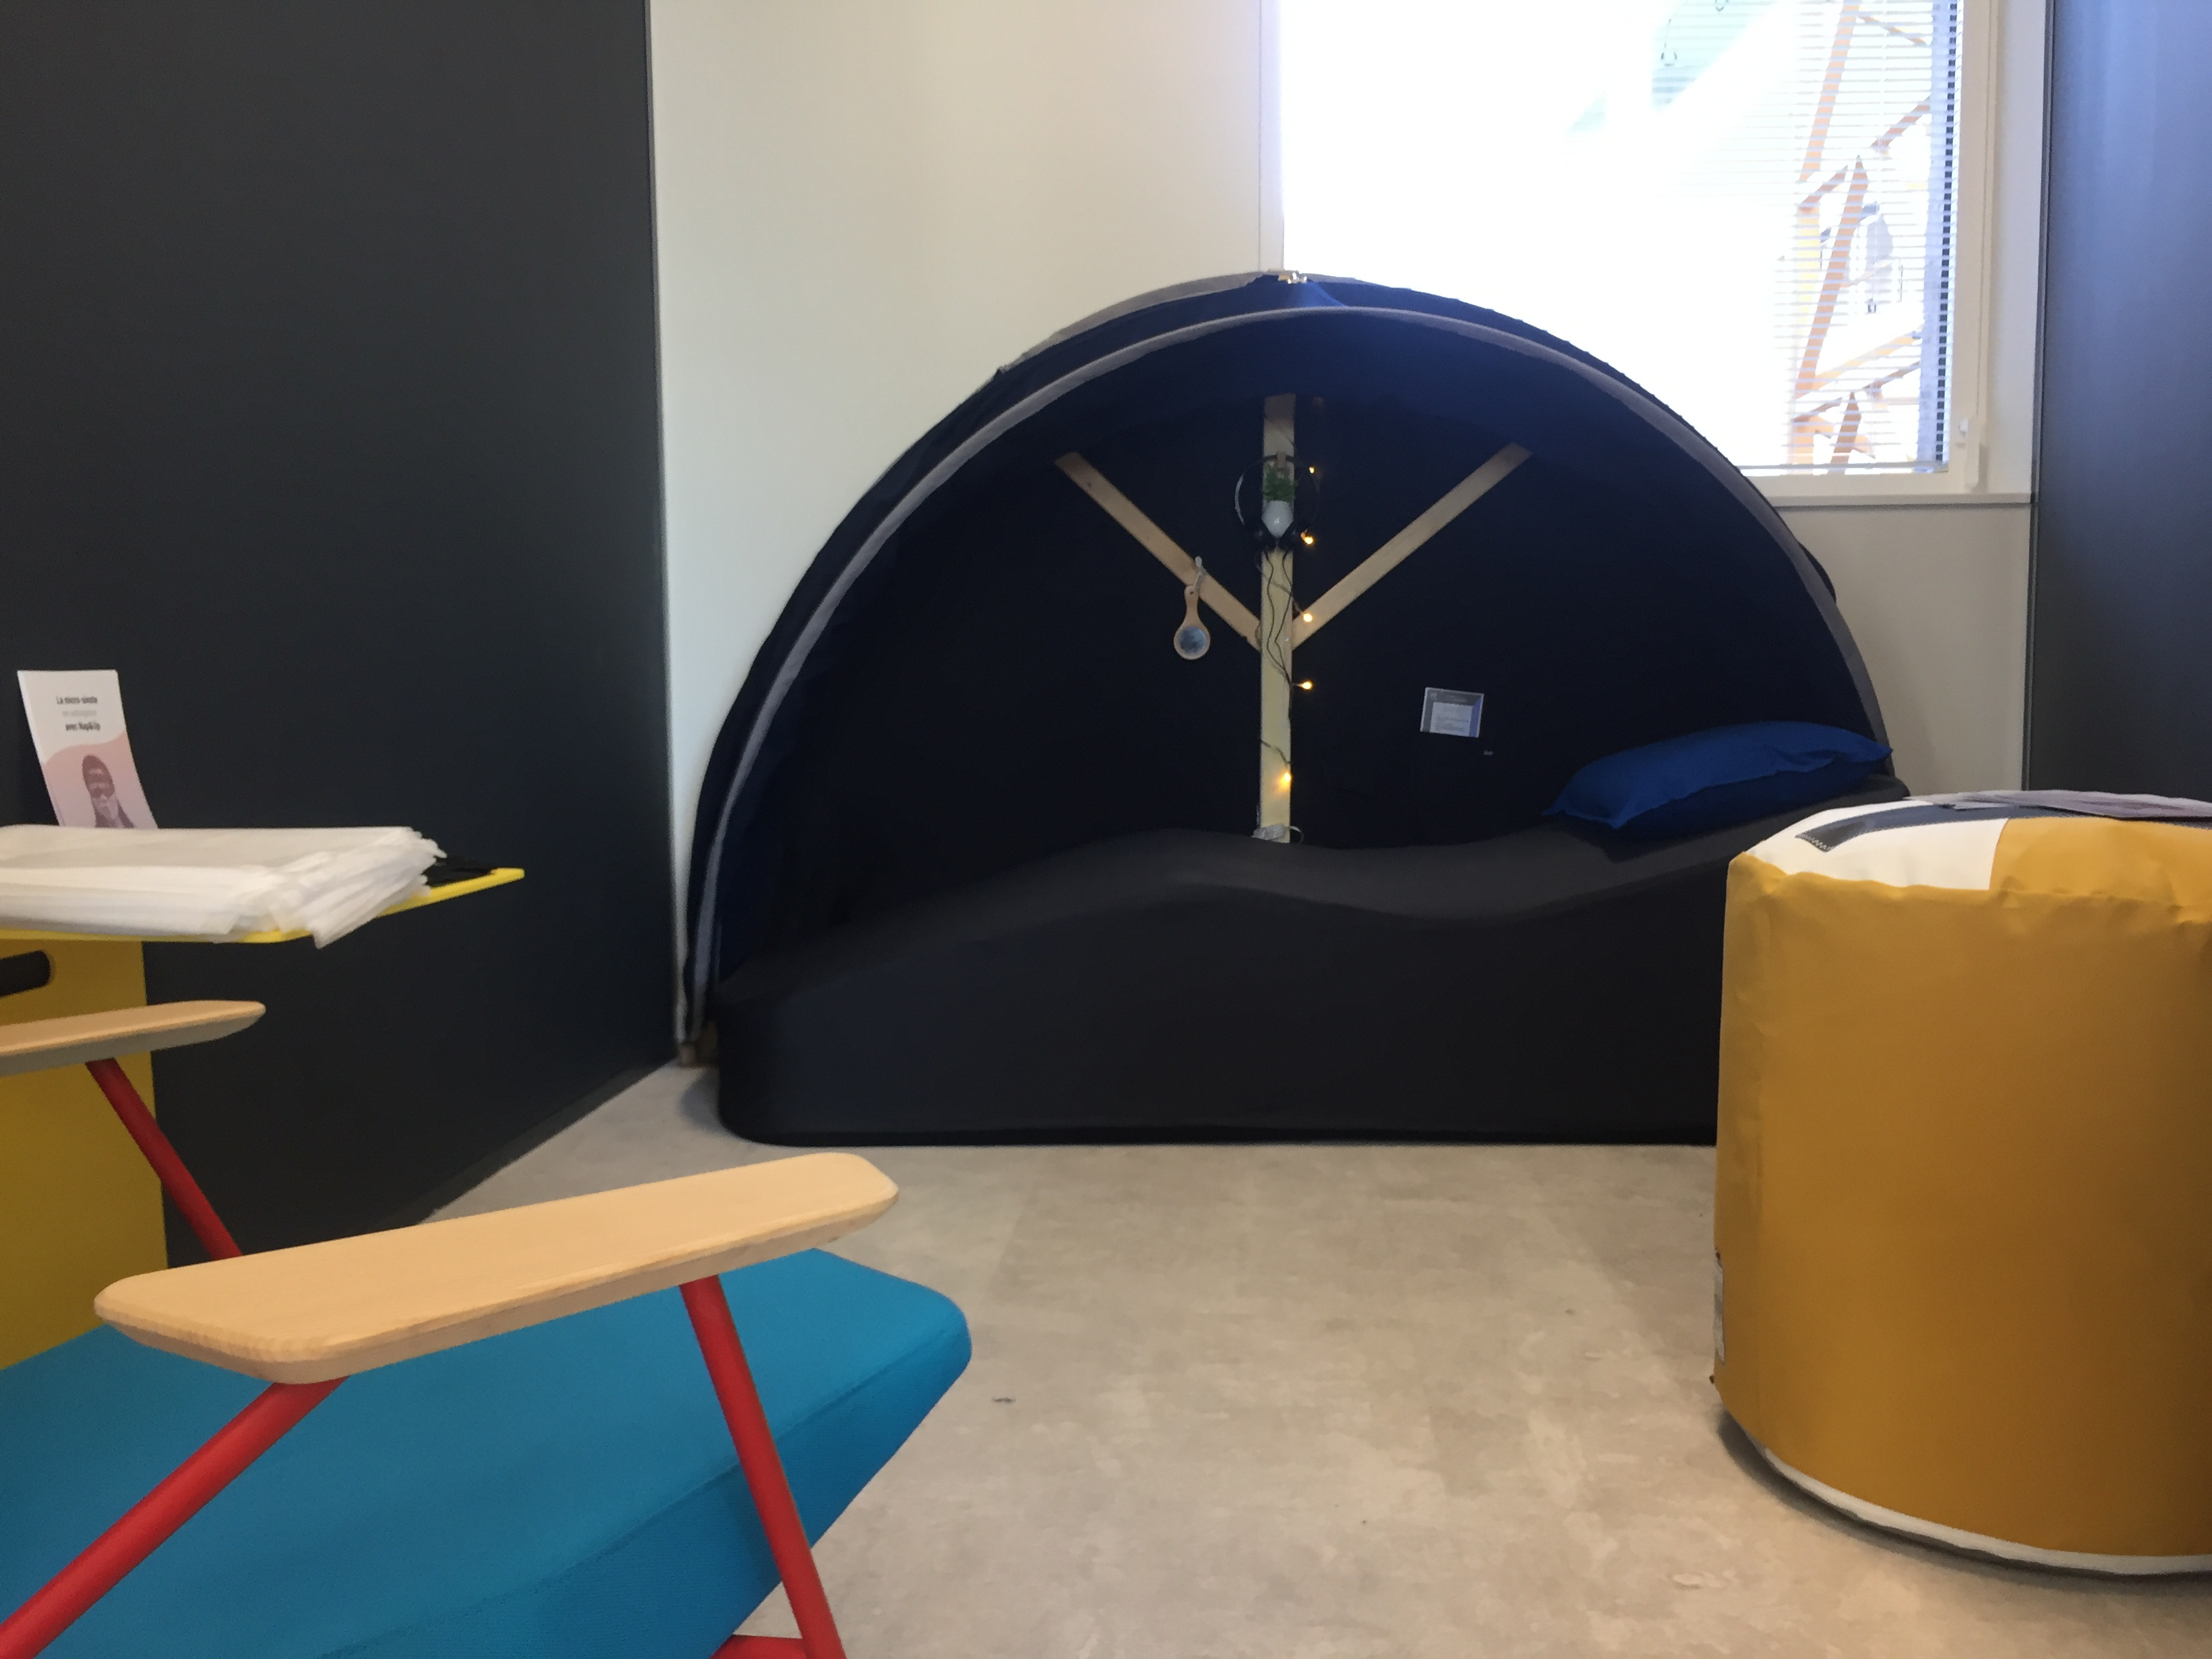 Installation d'un espace de sieste chez L'Occitane - sieste au travail - sieste en entreprise